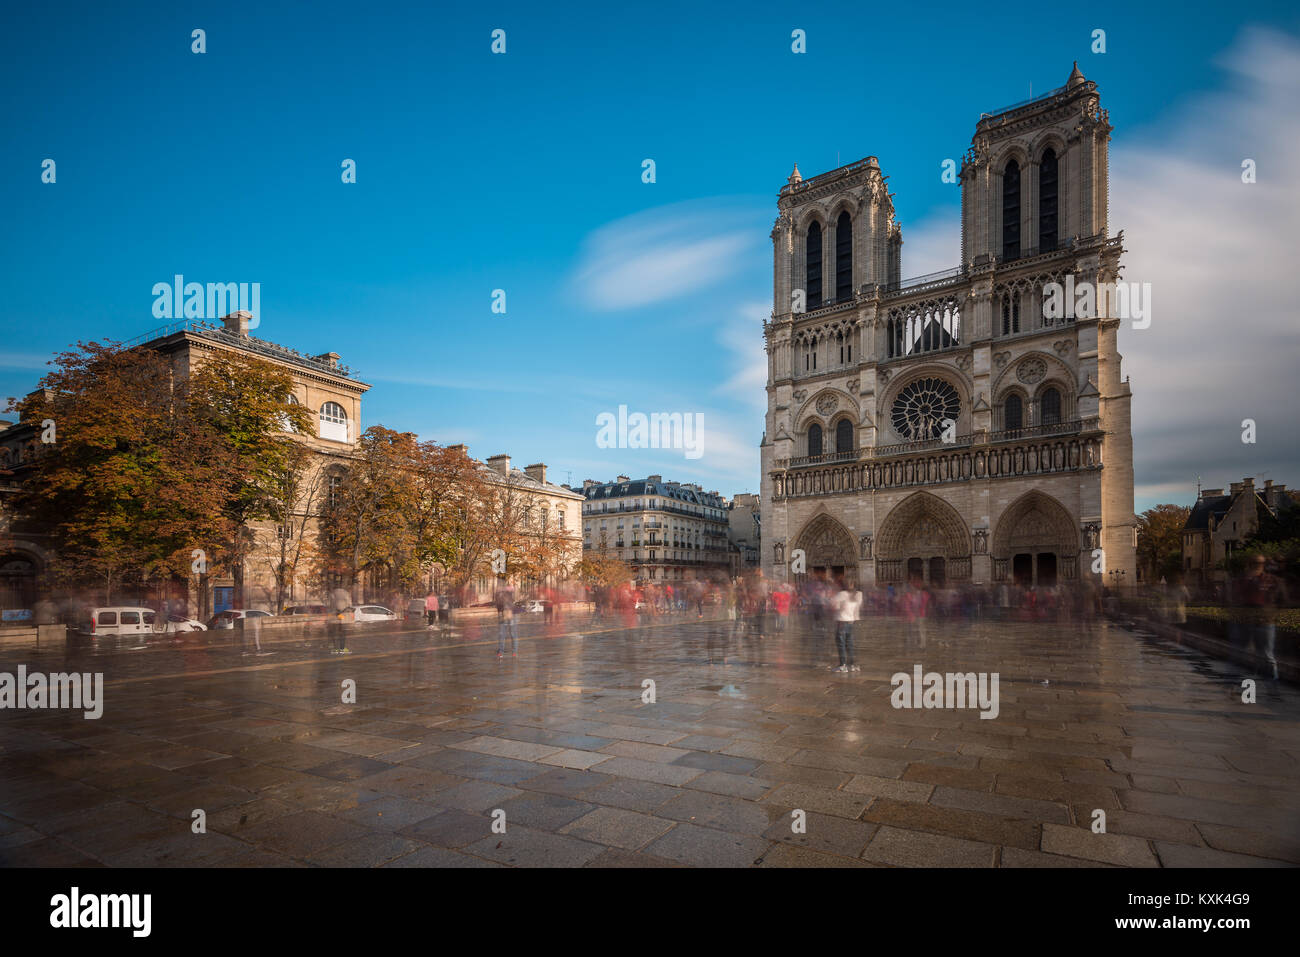 Cathédrale Notre-Dame de Paris, Notre Dame de Paris, Paris, Frankreich Stockbild